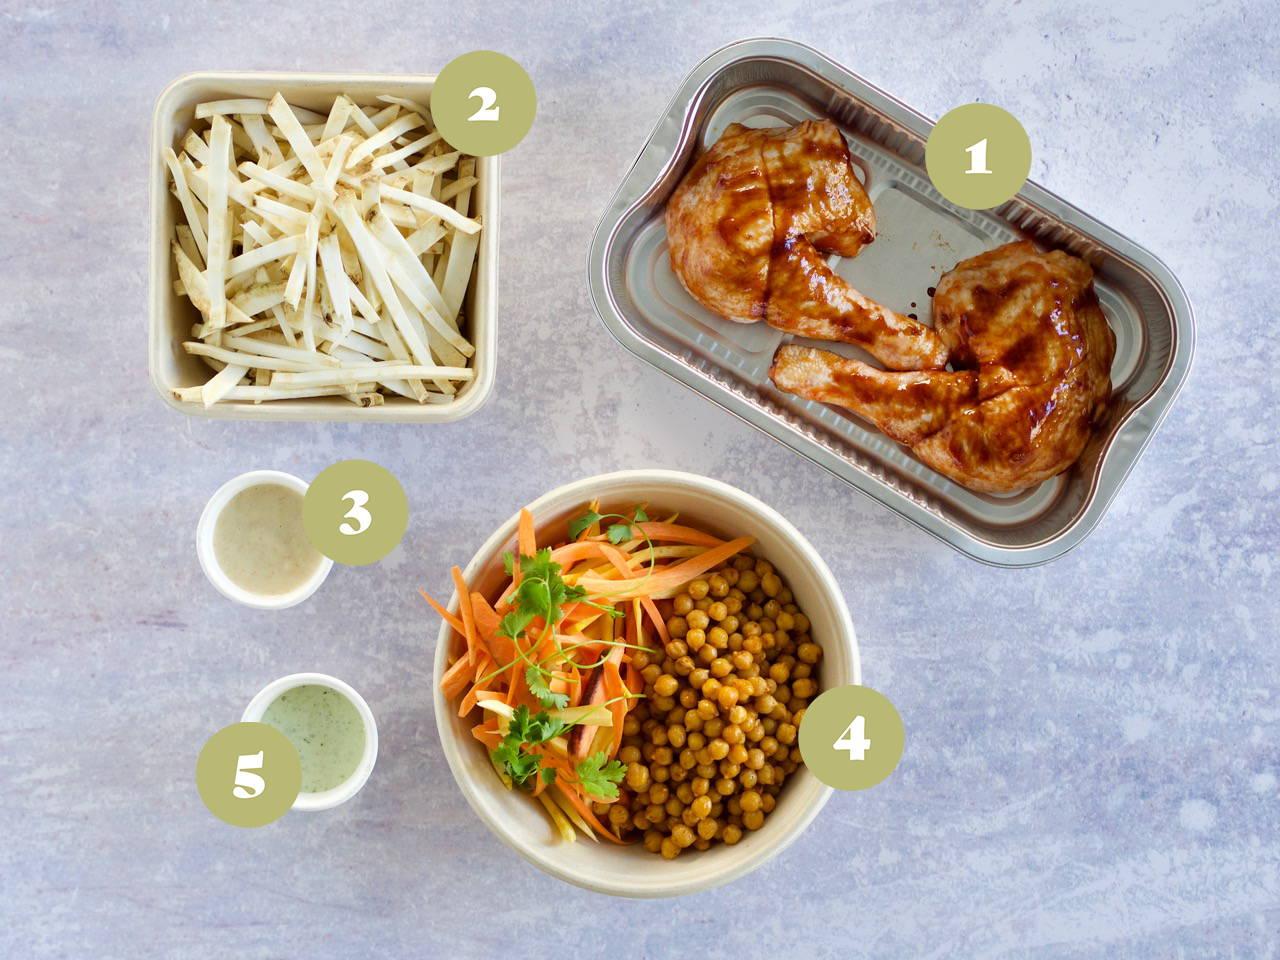 Opskrift og vejledning til Barbecue kylling med cremede grøntsager og grov salat med dagens dressing